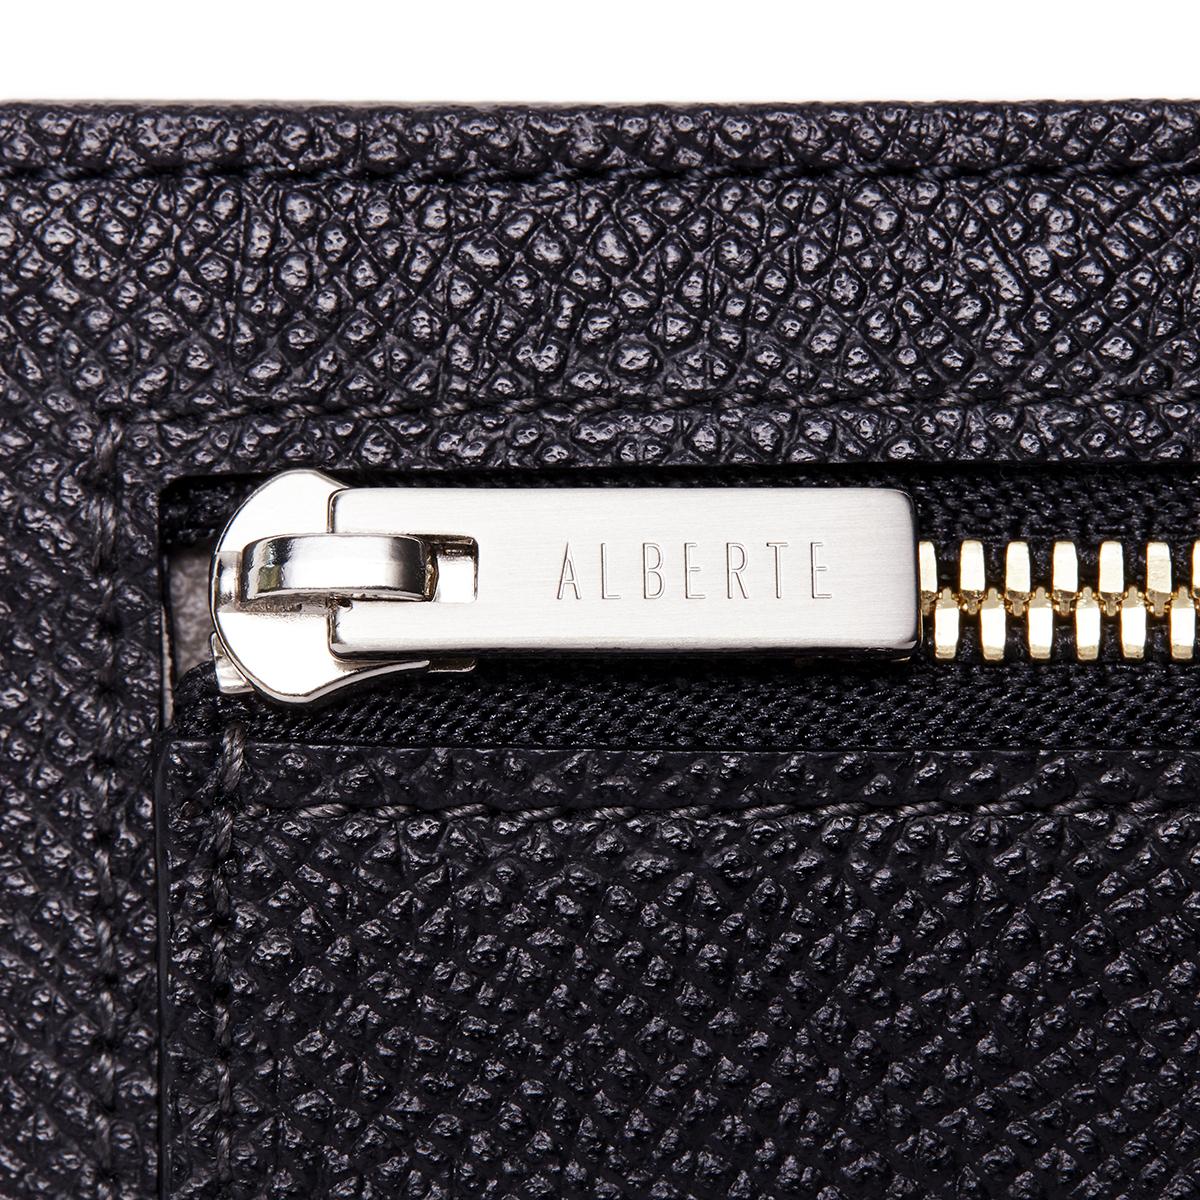 高級感のある財布のヘリ(端部分)|極限の薄さ、洗練された色や質感を表現した美しい革財布(パスケース)|ALBERTE